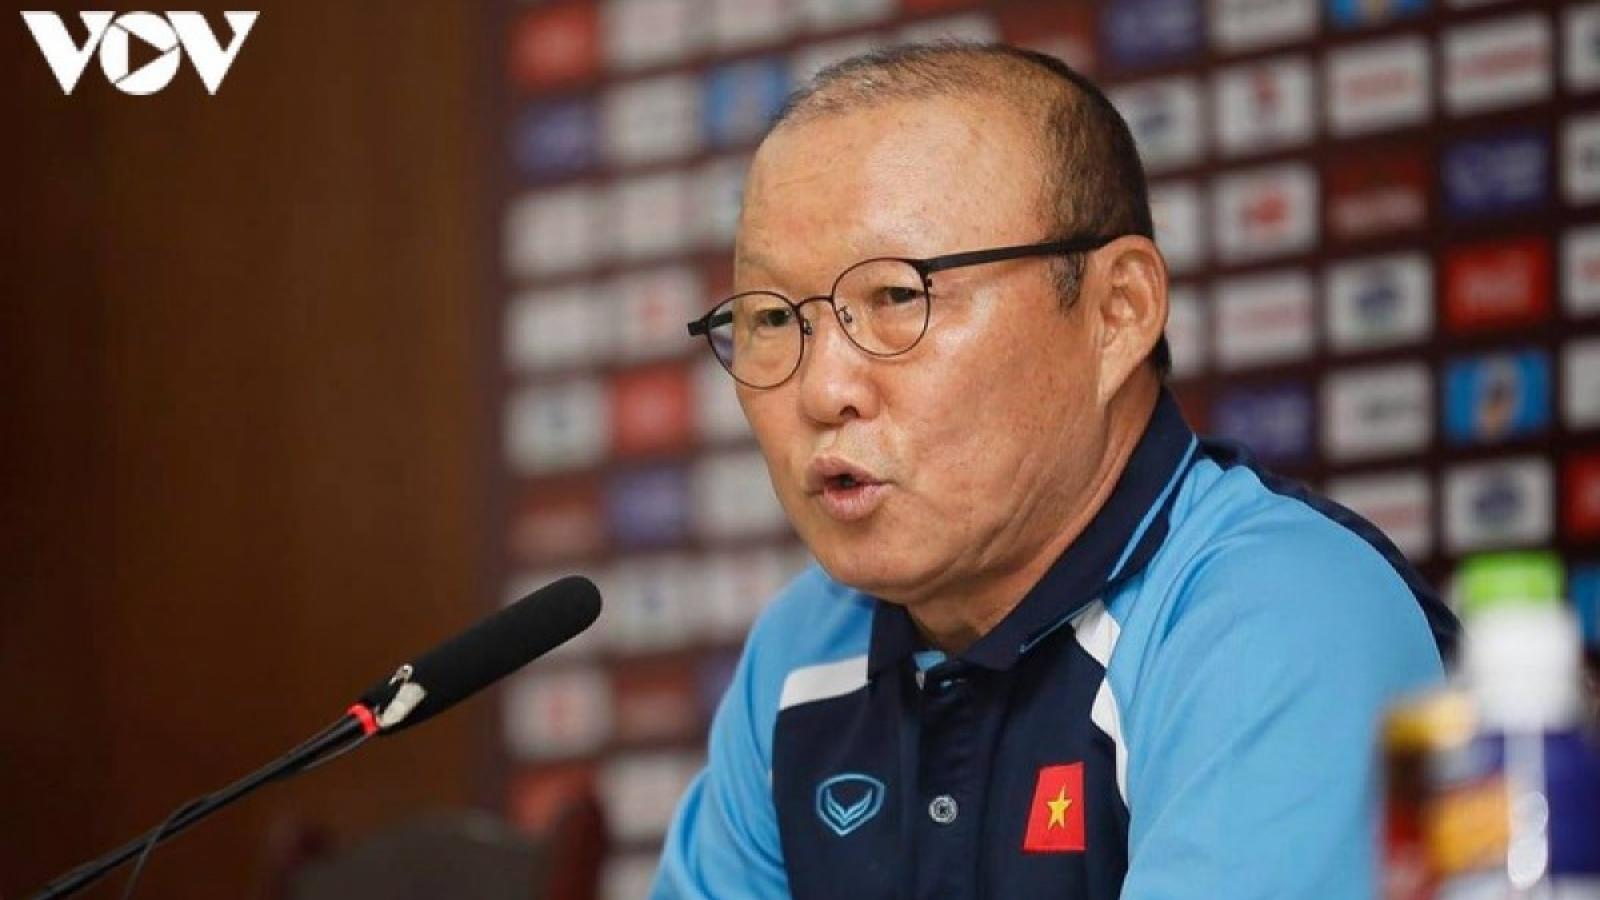 HLV Park Hang Seo lên tiếng về hợp đồng với VFF trên báo Hàn Quốc